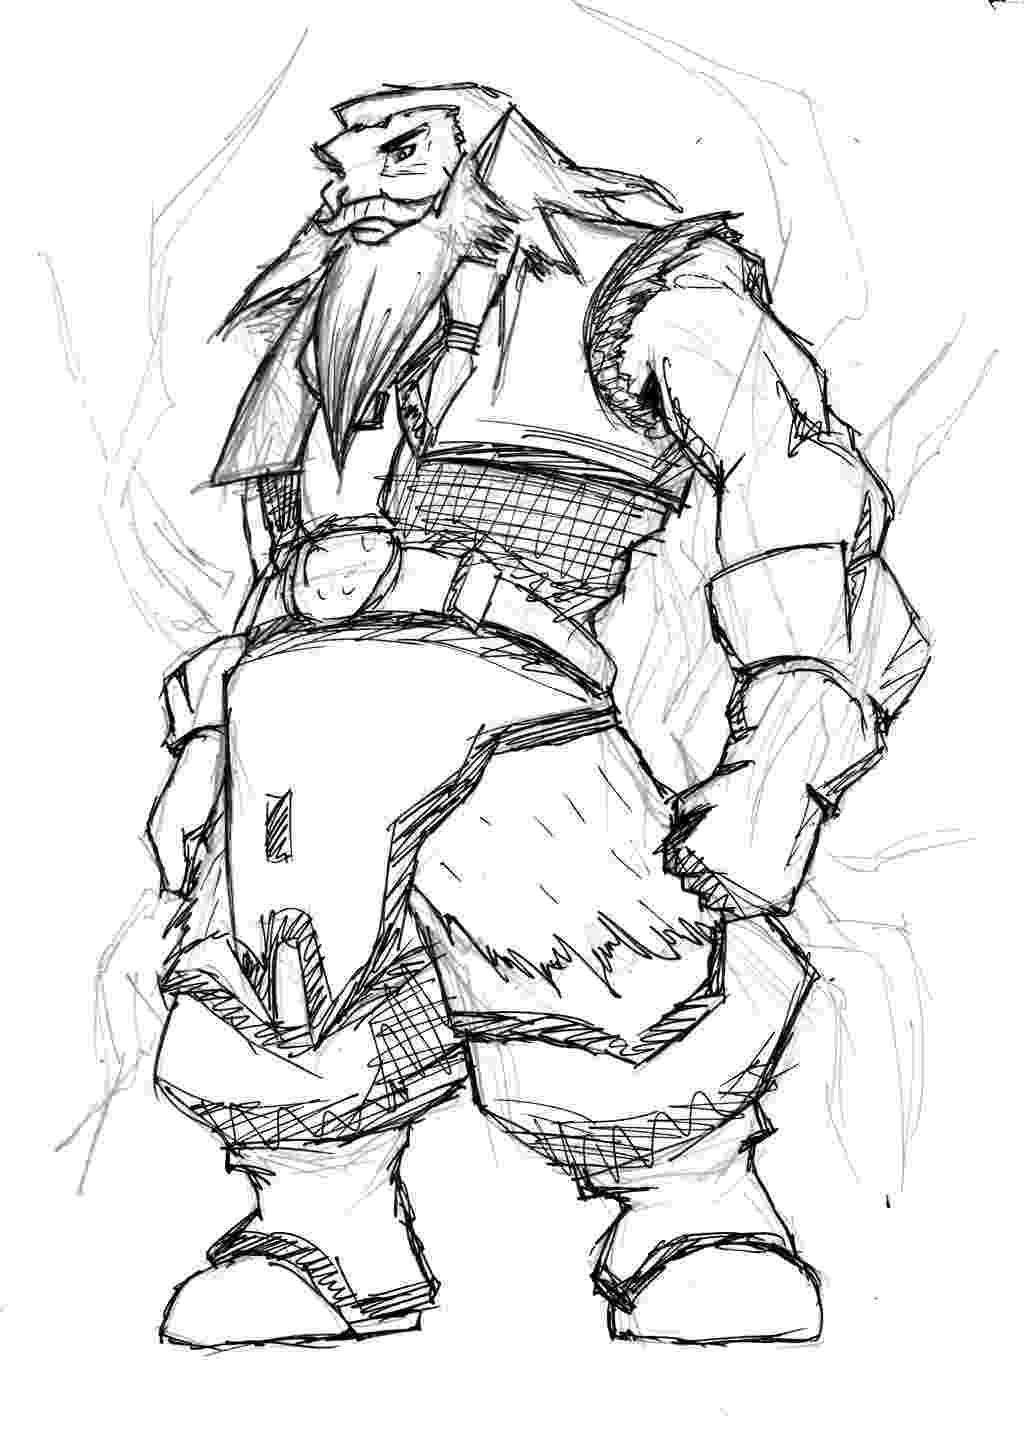 sketch of zeus zeus sketch dota2 zeus of sketch